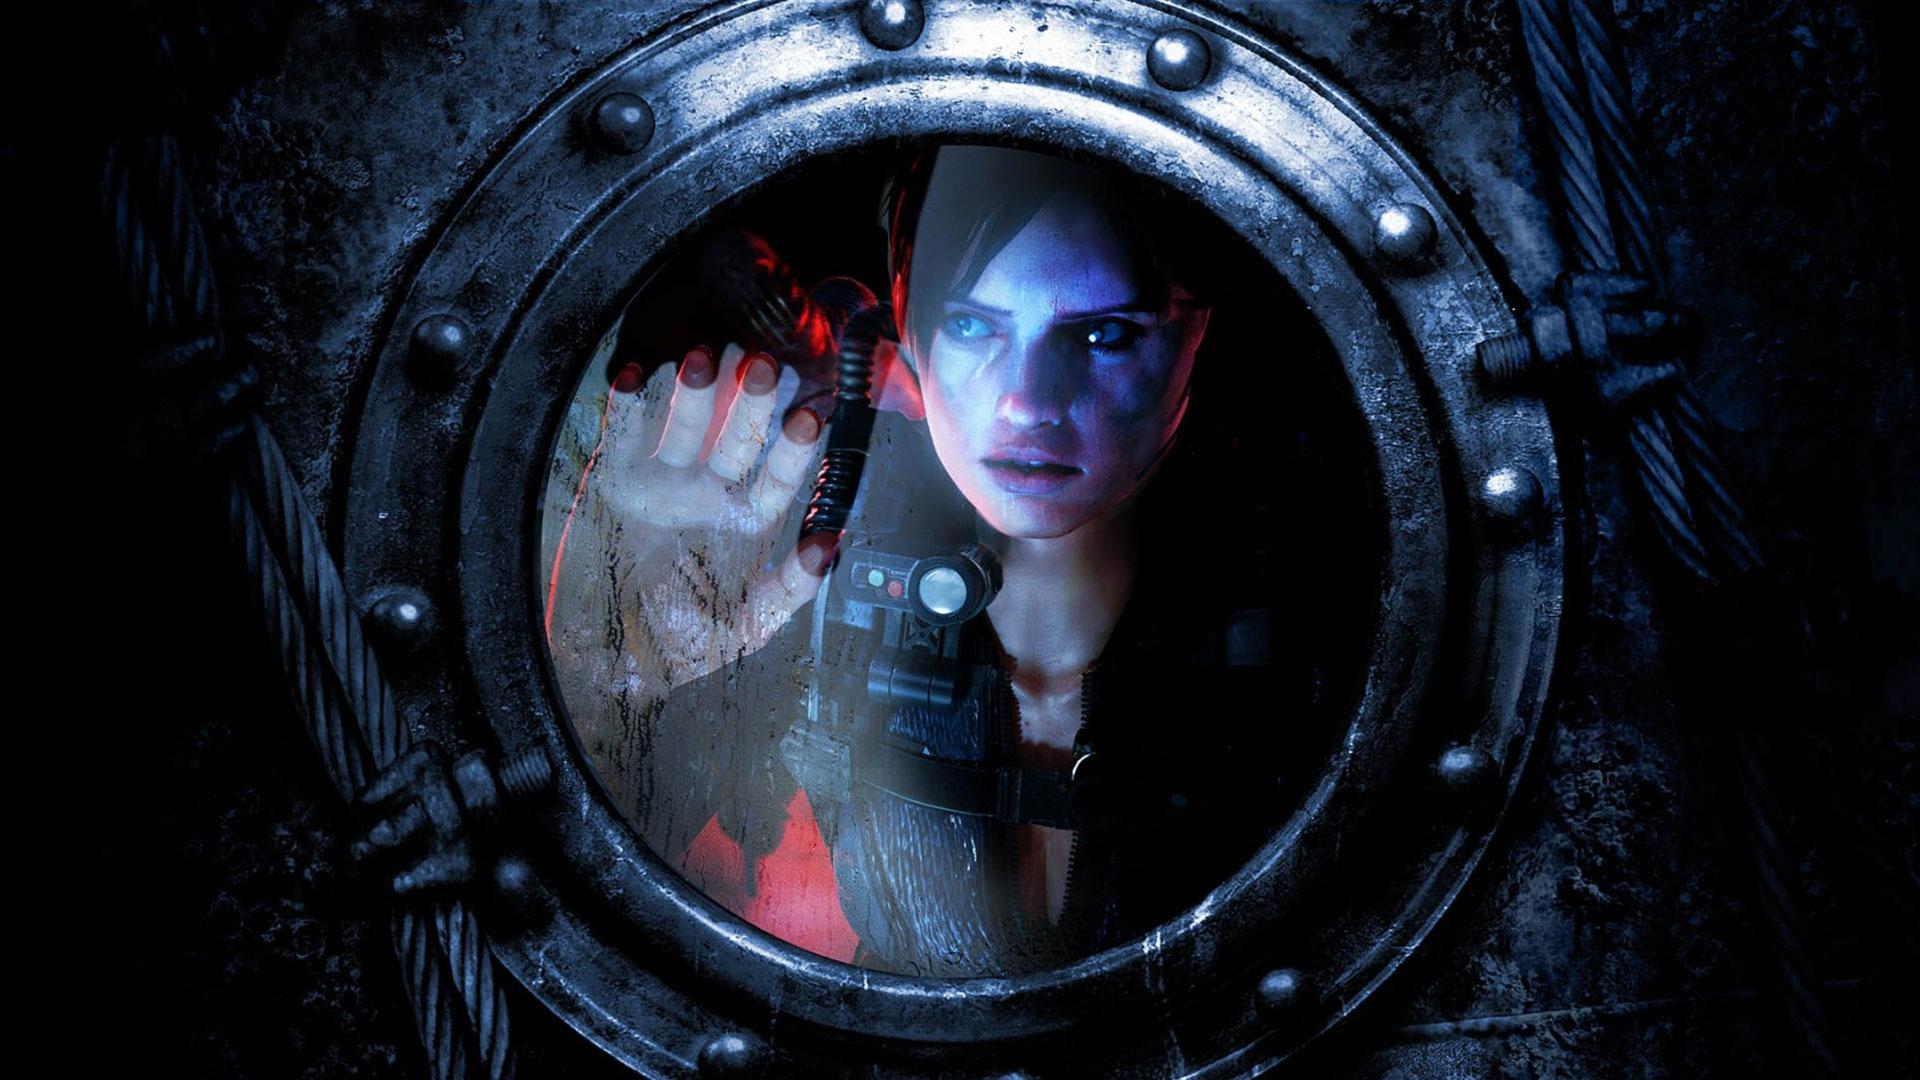 47 Resident Evil Revelations Wallpaper On Wallpapersafari